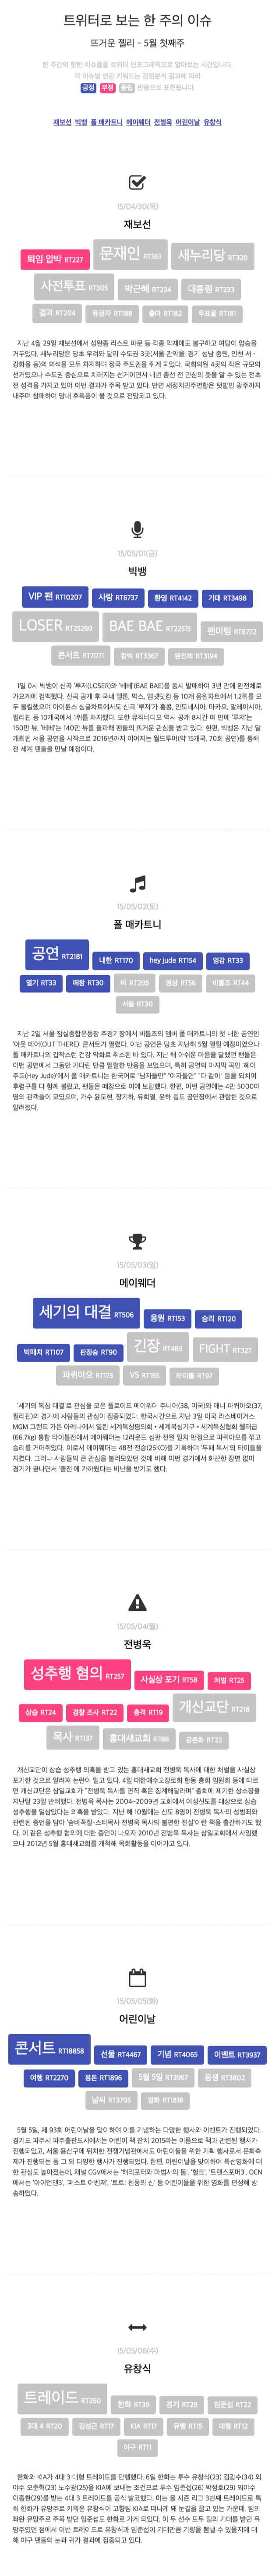 [한컷뉴스] 트위터로 보는 한 주간의 이슈(5월 첫째 주)